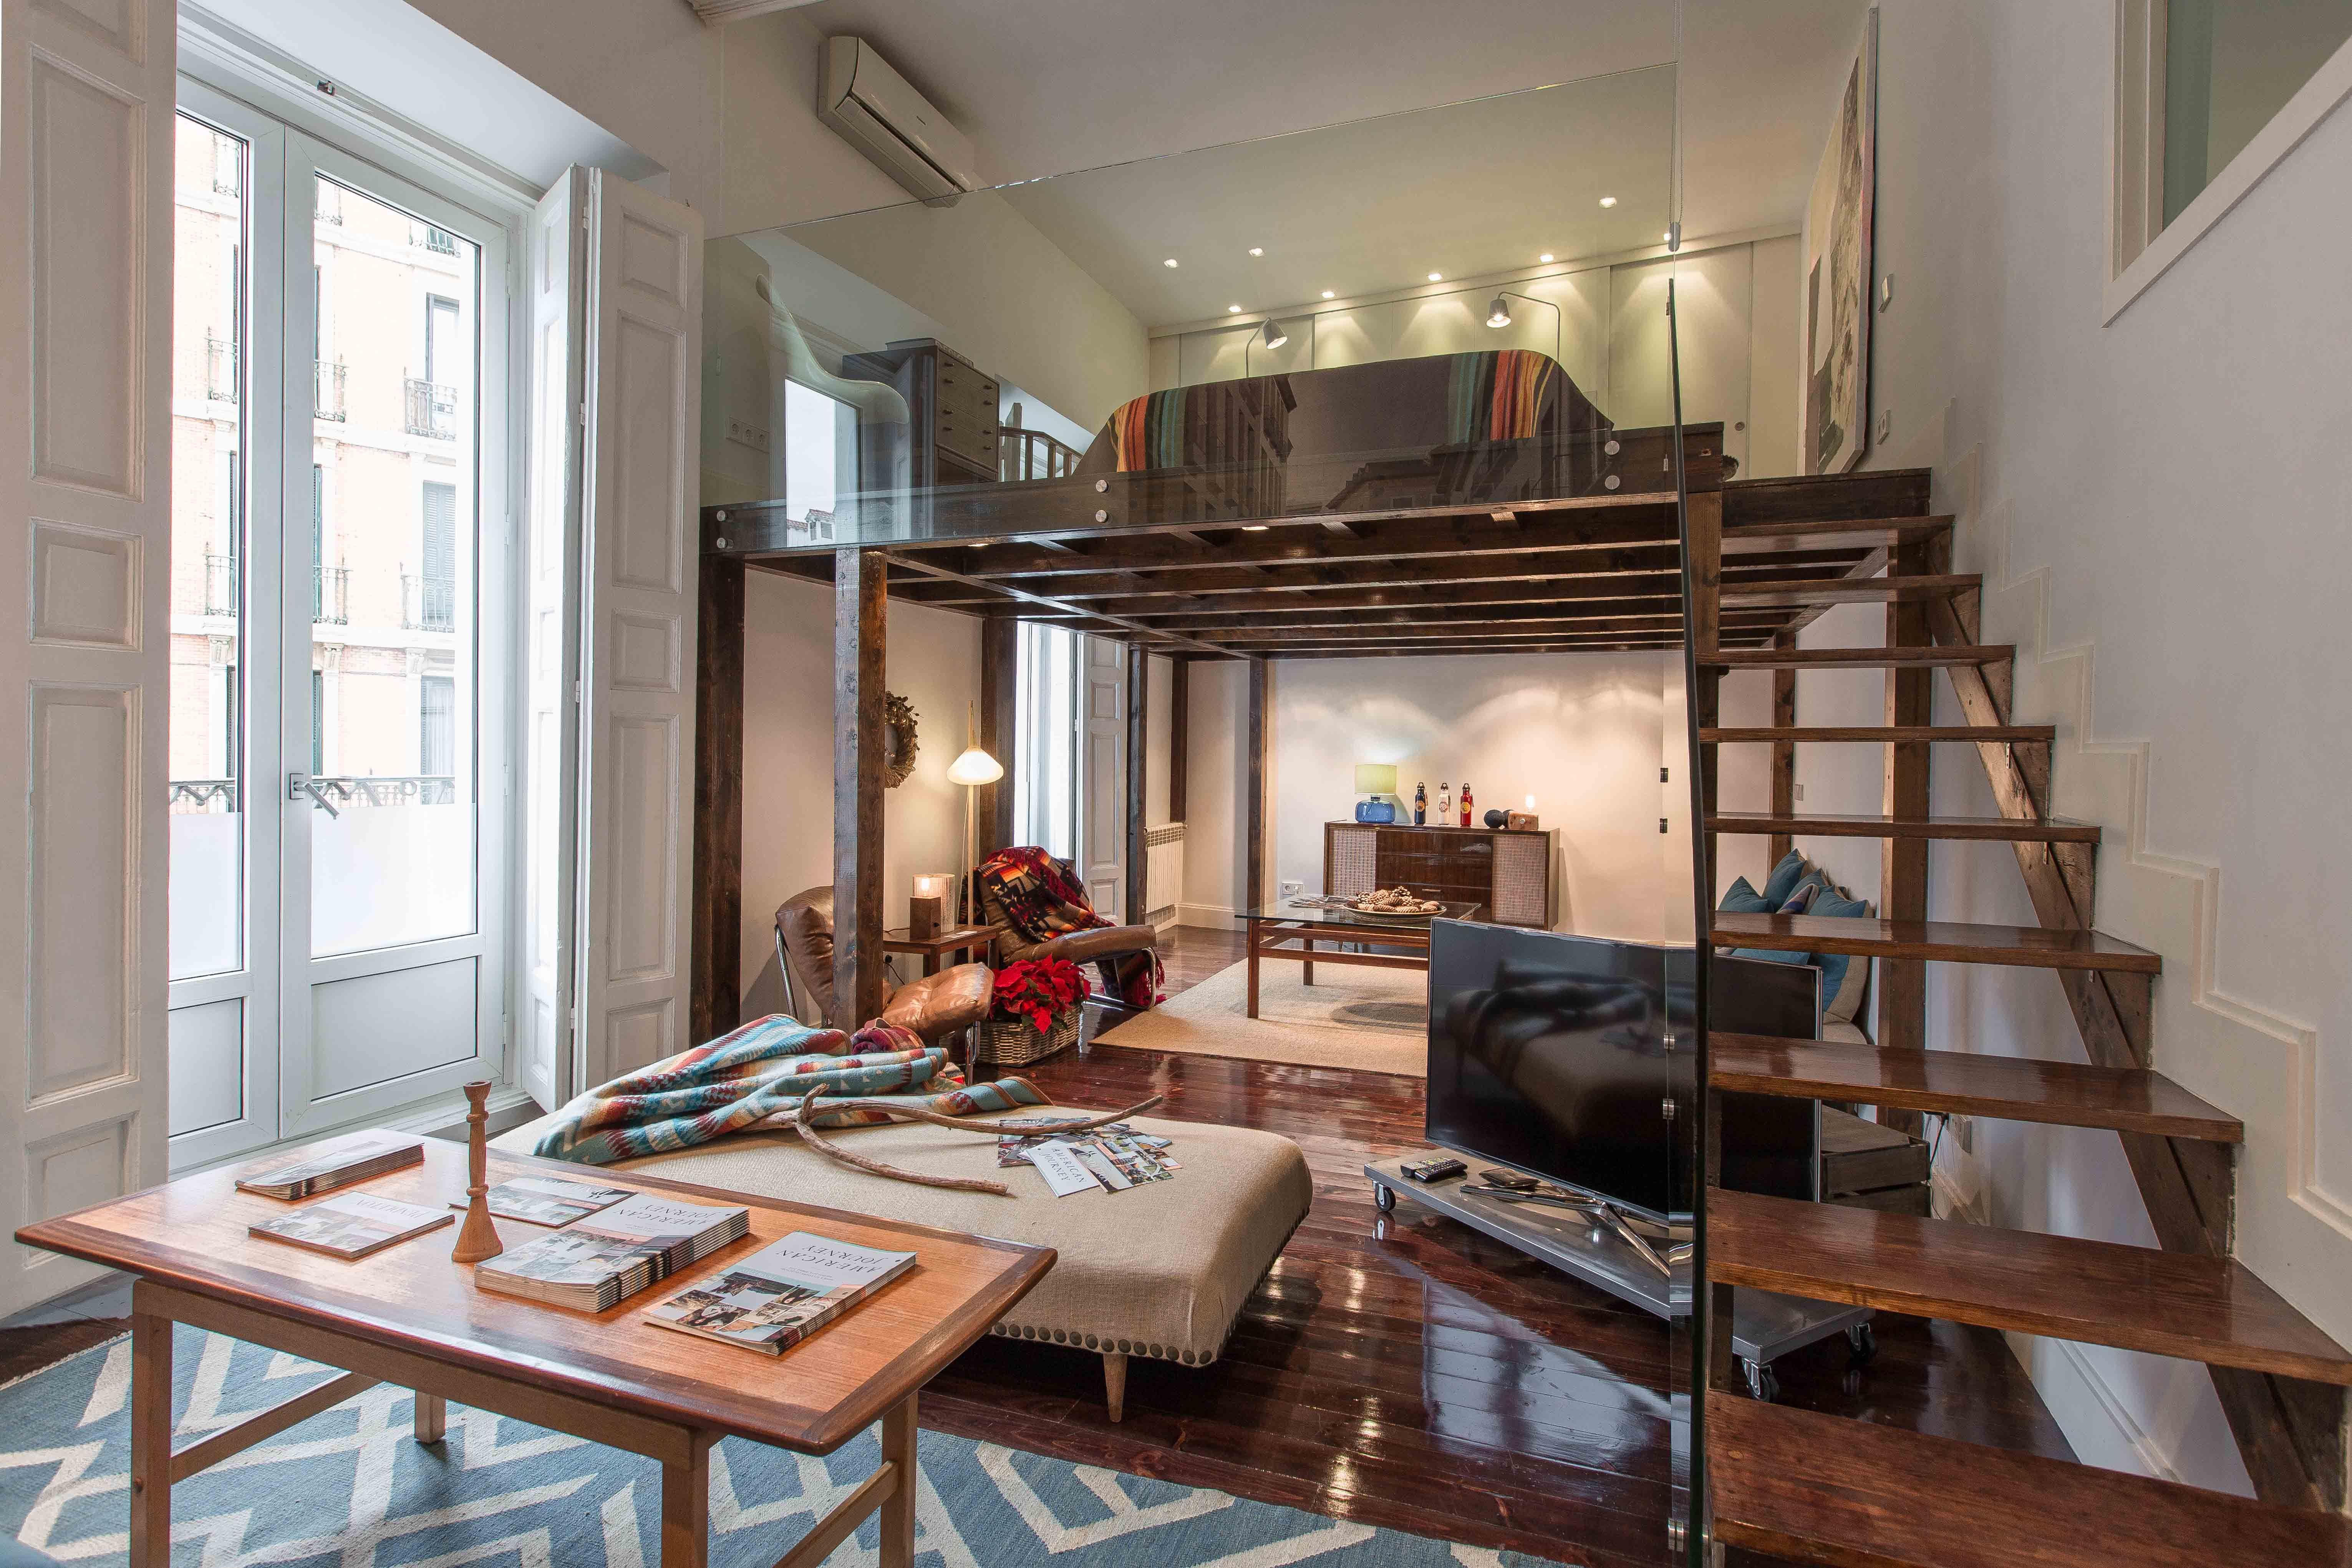 Cómo aprovechar un atecho altísimo para hacer una habitación. The Sibarist Mad Loft - Casas de Autor en Alquiler - The Sibarist | Property & Homes